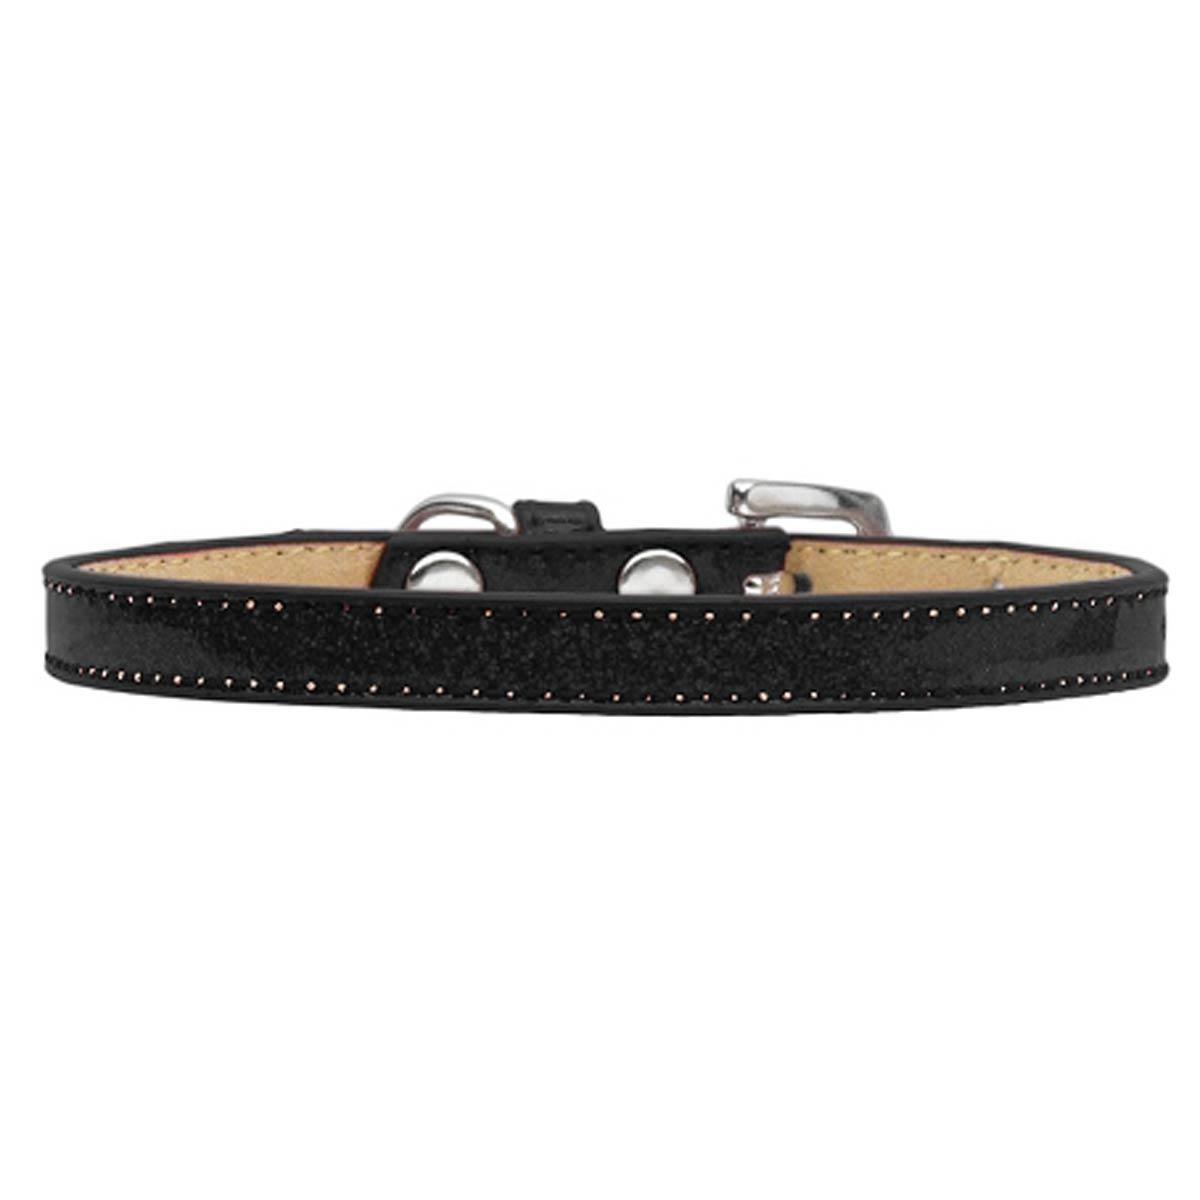 Confetti Ice Cream Dog Collar - Black